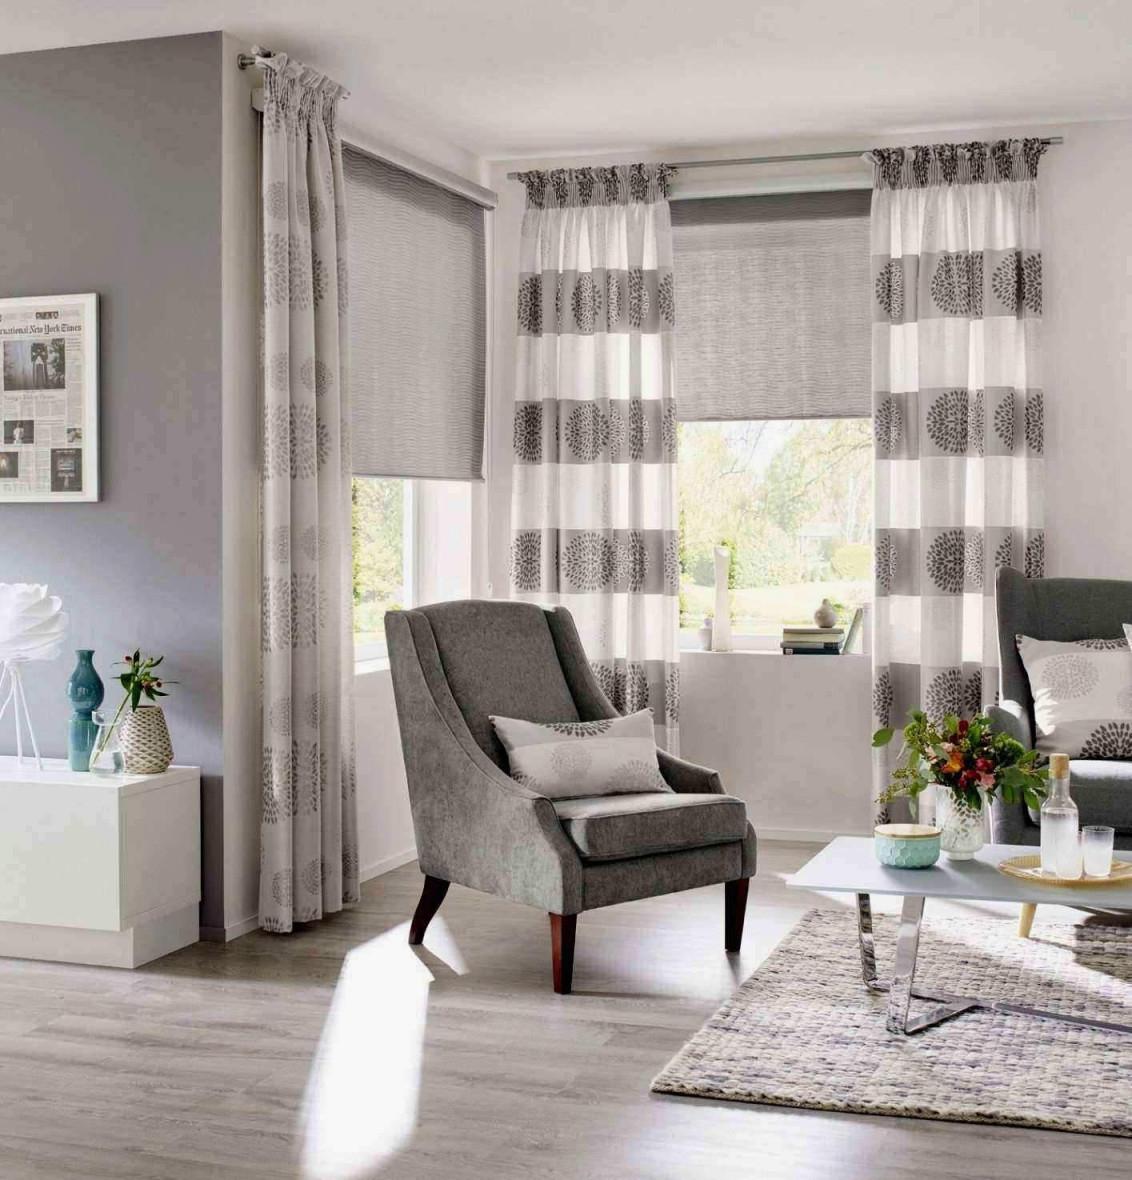 36 Inspirierend Gardinen Modelle Für Wohnzimmer Reizend von Gardinen Für Bodentiefe Fenster Wohnzimmer Bild